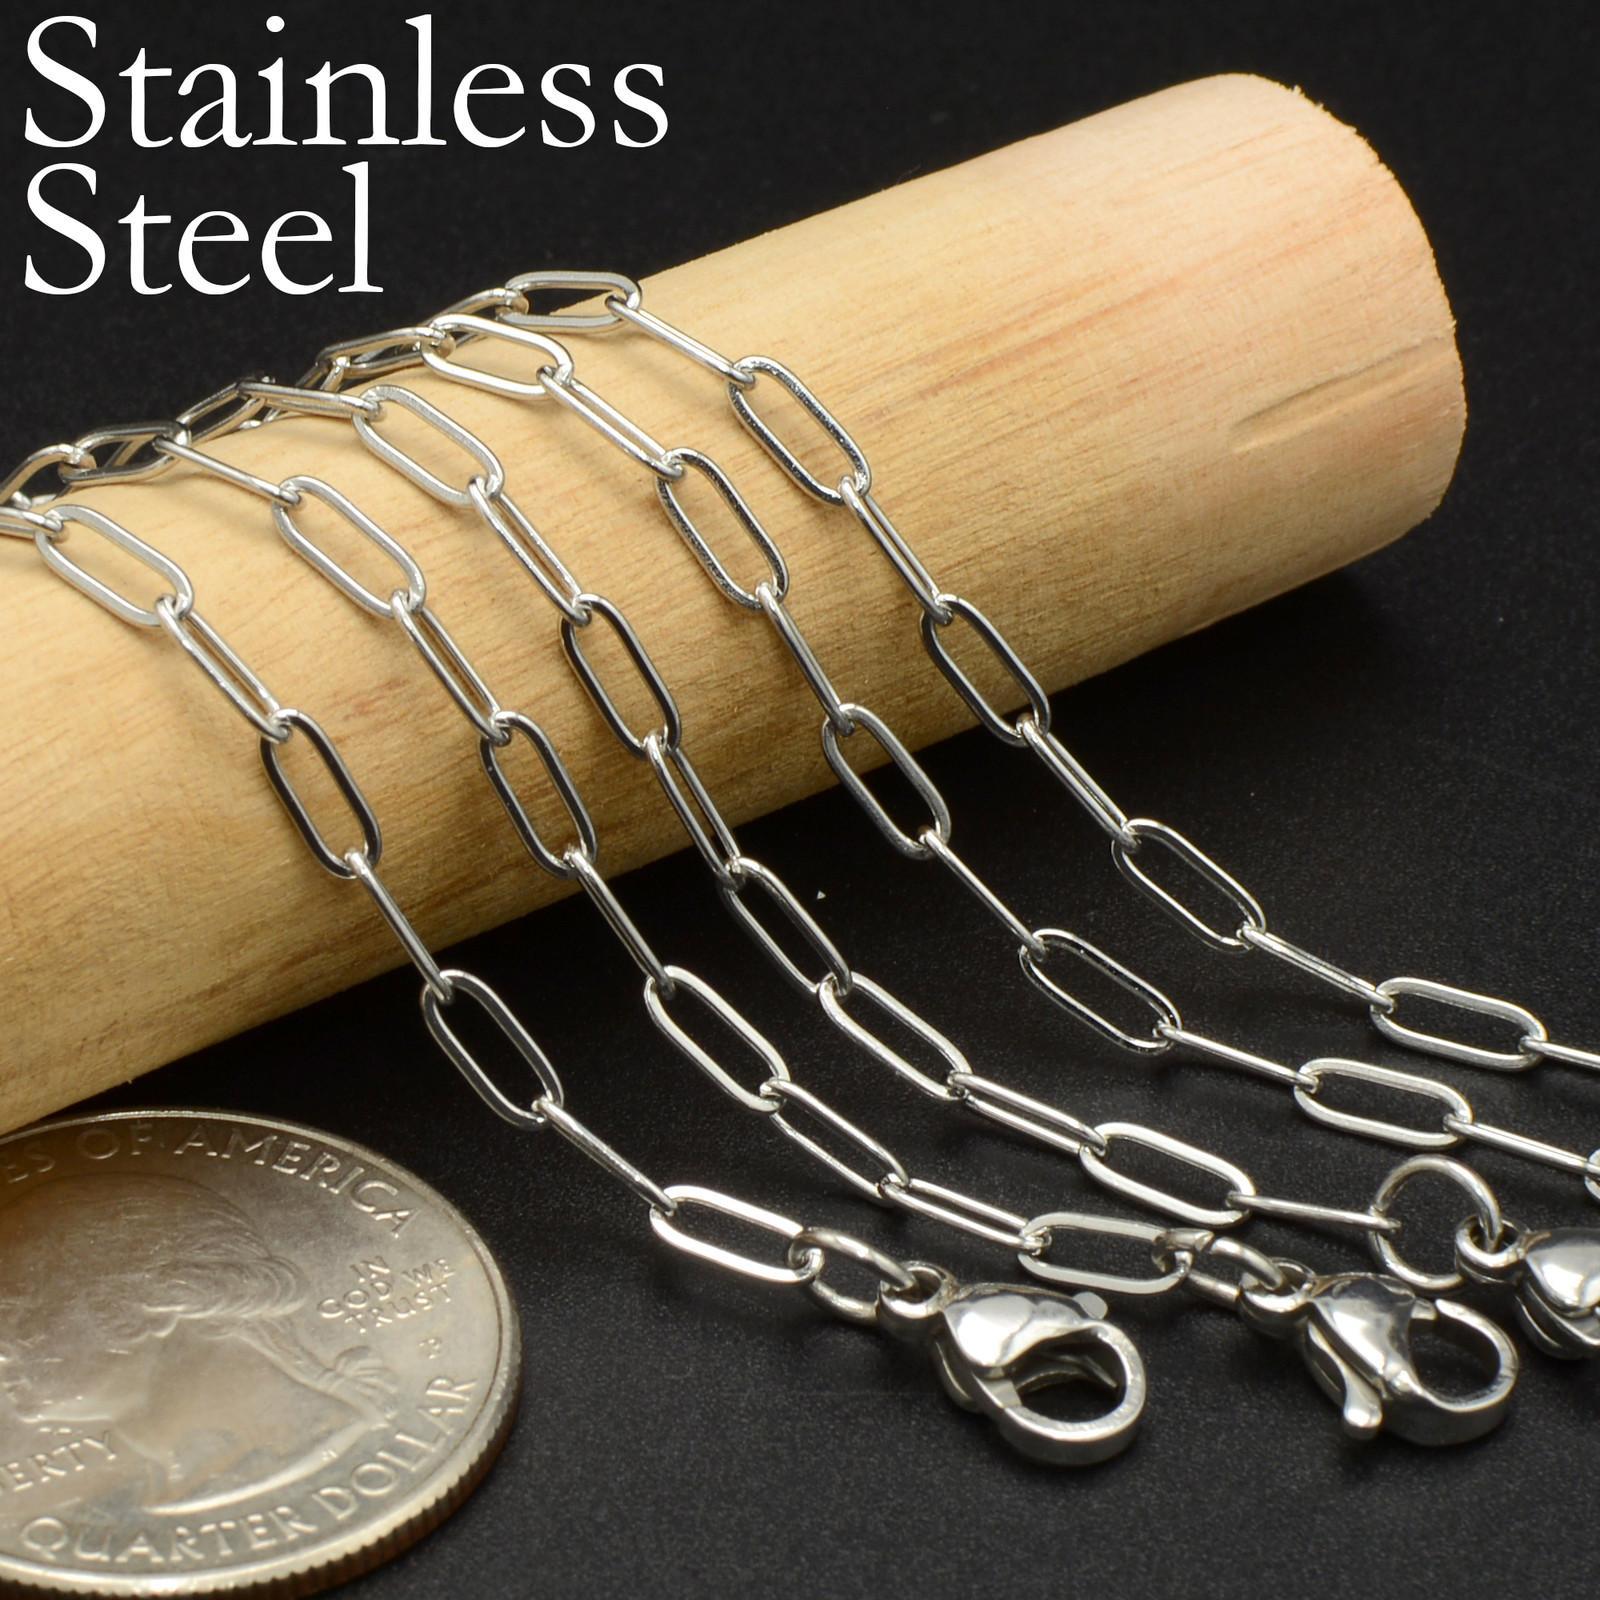 20 PCS- Collana a catena rettangolare catena in acciaio inox, catena di graffetta catena lunga cavo collana, collana in acciaio inox per donne Y0124